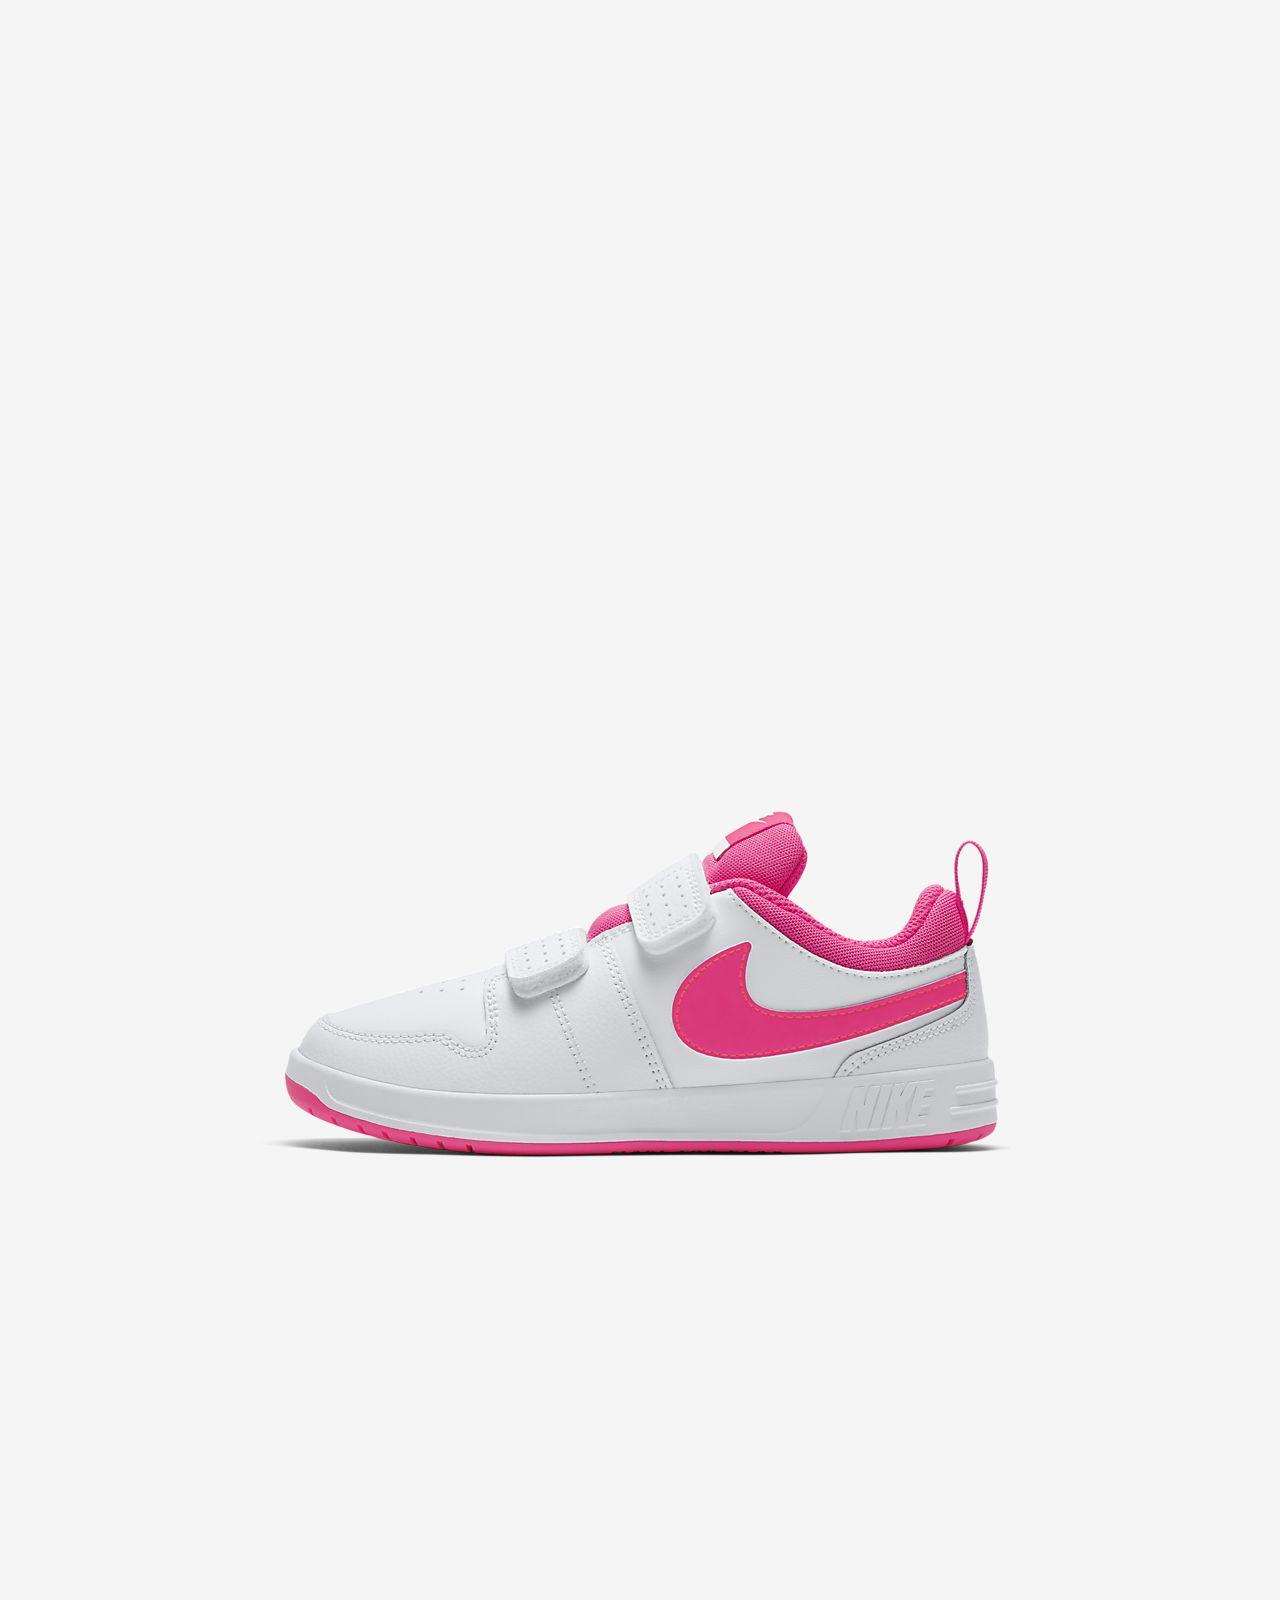 Nike Pico 5 Zapatillas - Niño/a pequeño/a